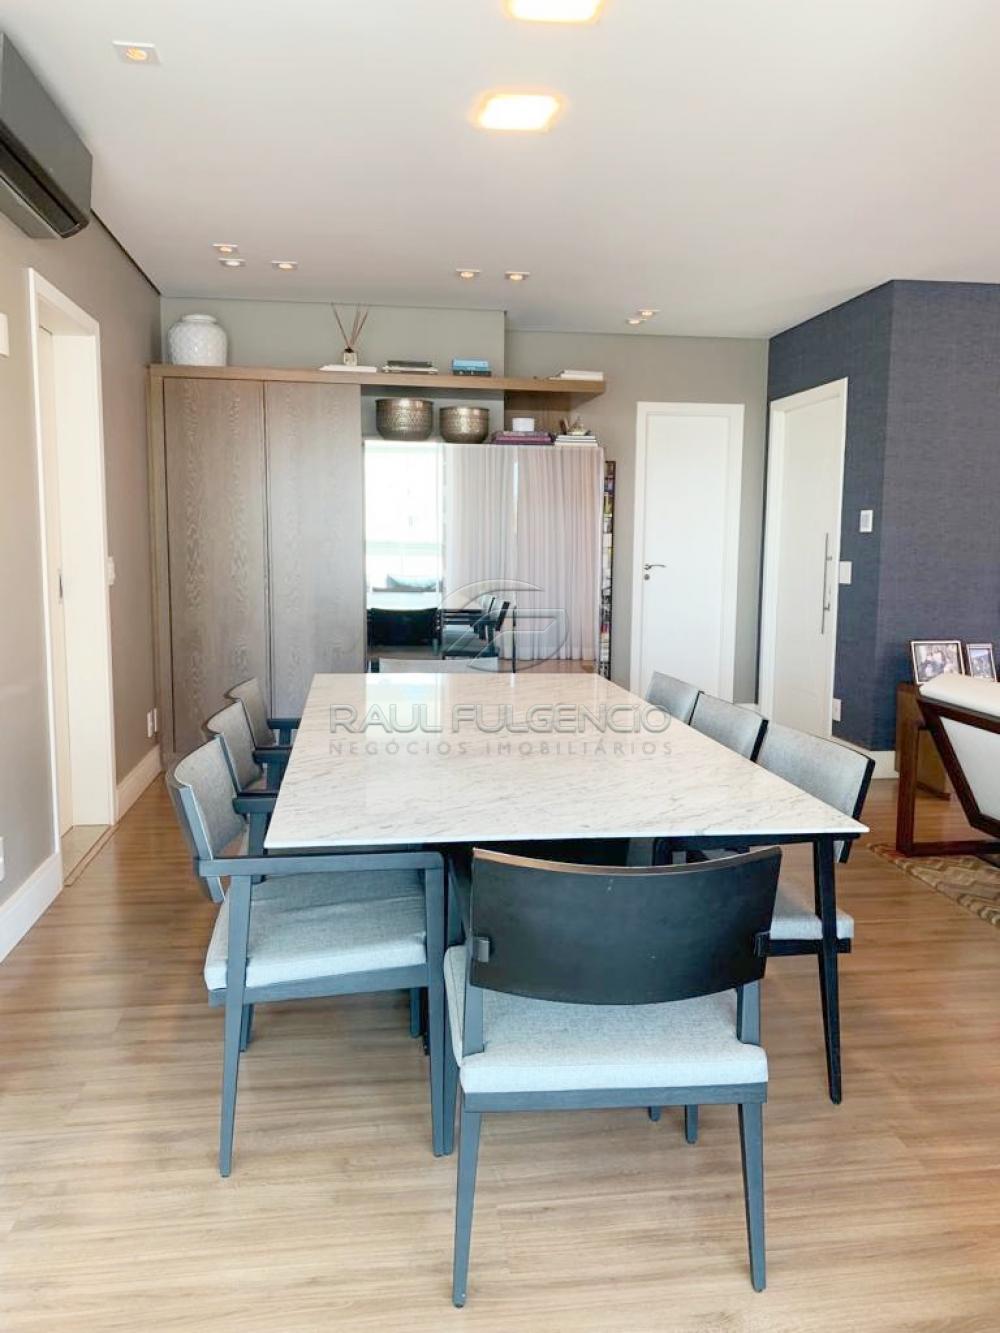 Comprar Apartamento / Padrão em Londrina apenas R$ 1.250.000,00 - Foto 7